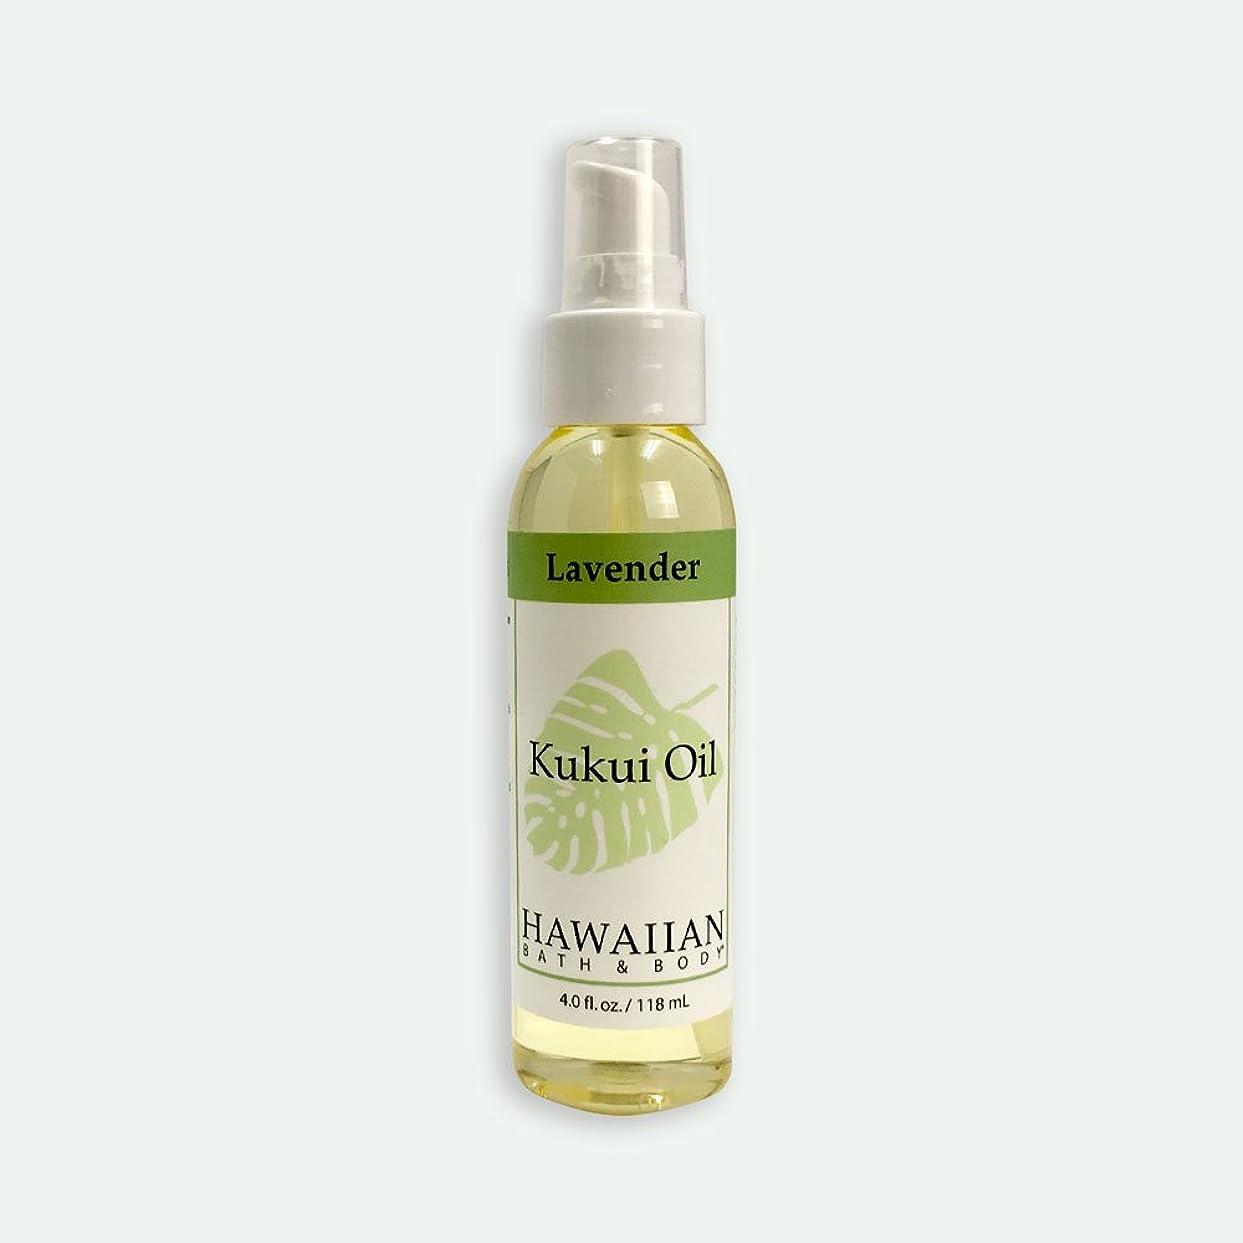 順応性のある時々時々マトロンハワイアンバス&ボディ ククイオイル ?ラベンダー 118ml Lavender Kukui Nut Oil